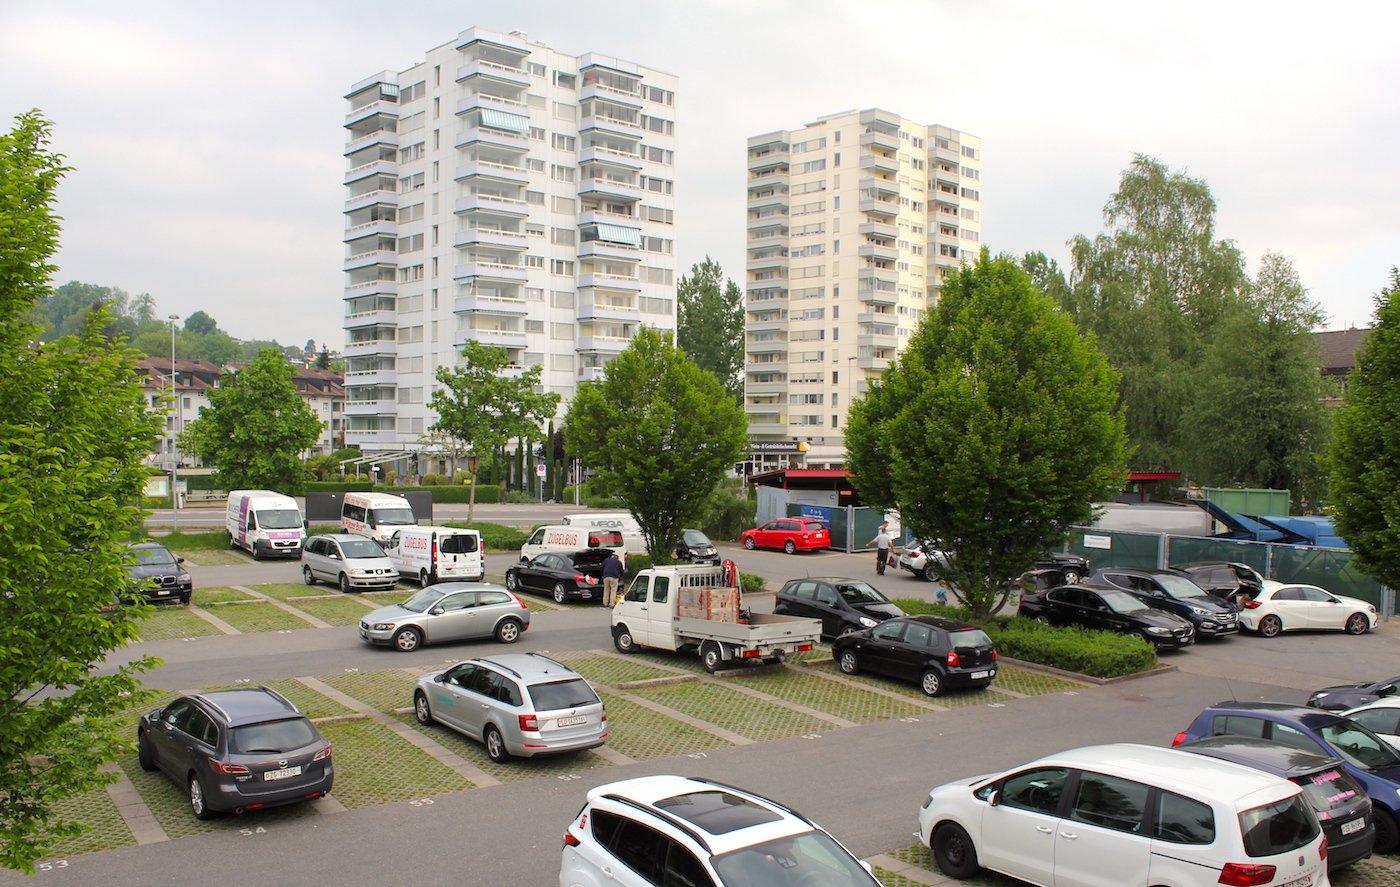 Das Zythus-Areal in Hünenberg See soll wirtschaftlicher genutzt werden. Aktuell ist es ein Parkplatz mit einem Ökihof.